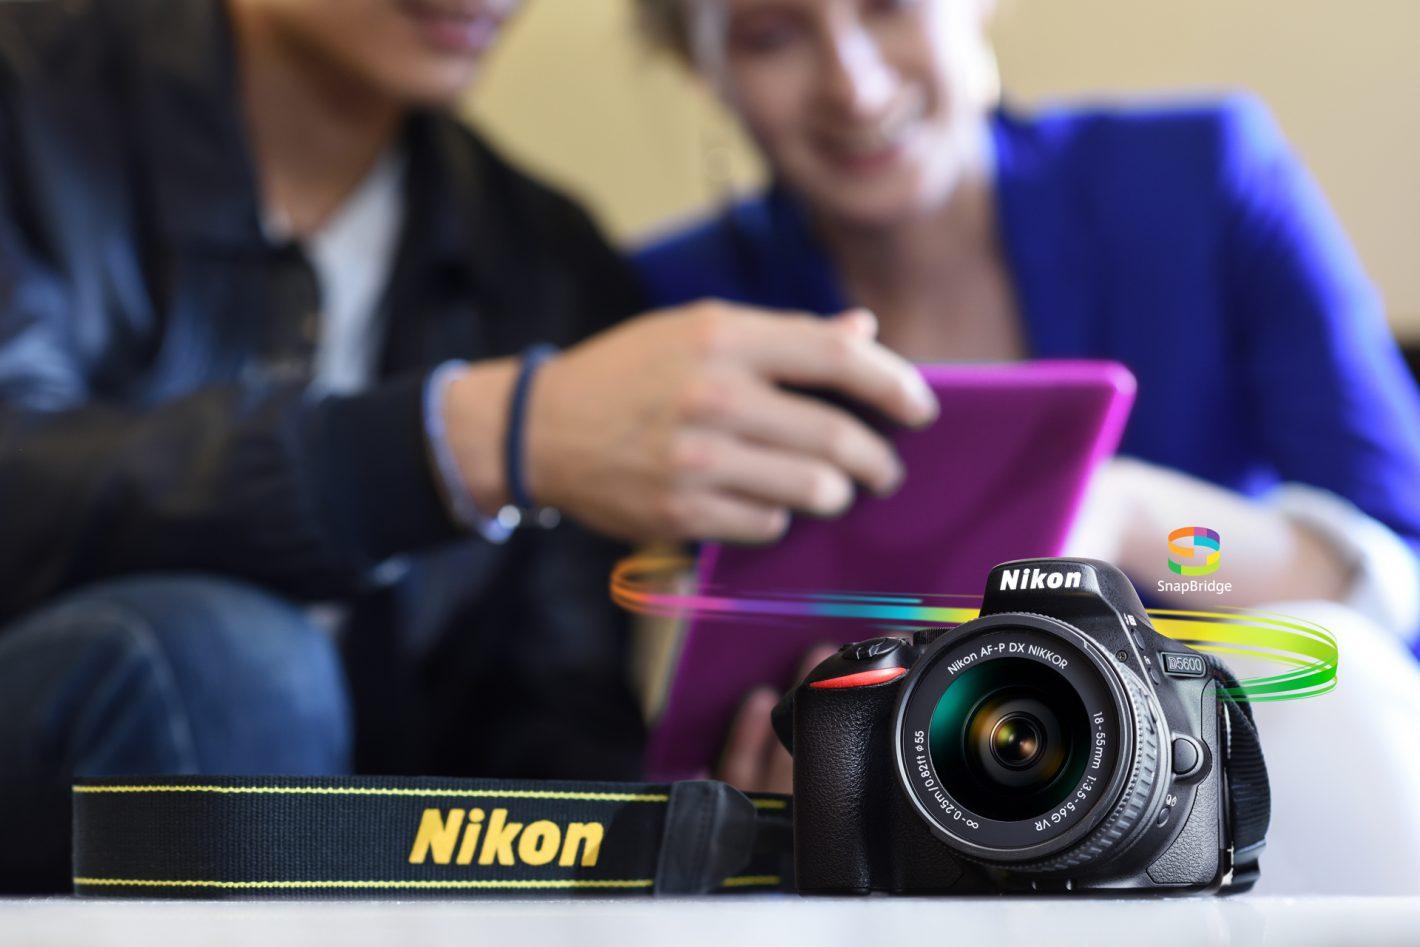 Le nouveau Nikon D5600 stimule la créativité et favorise le partage instantané